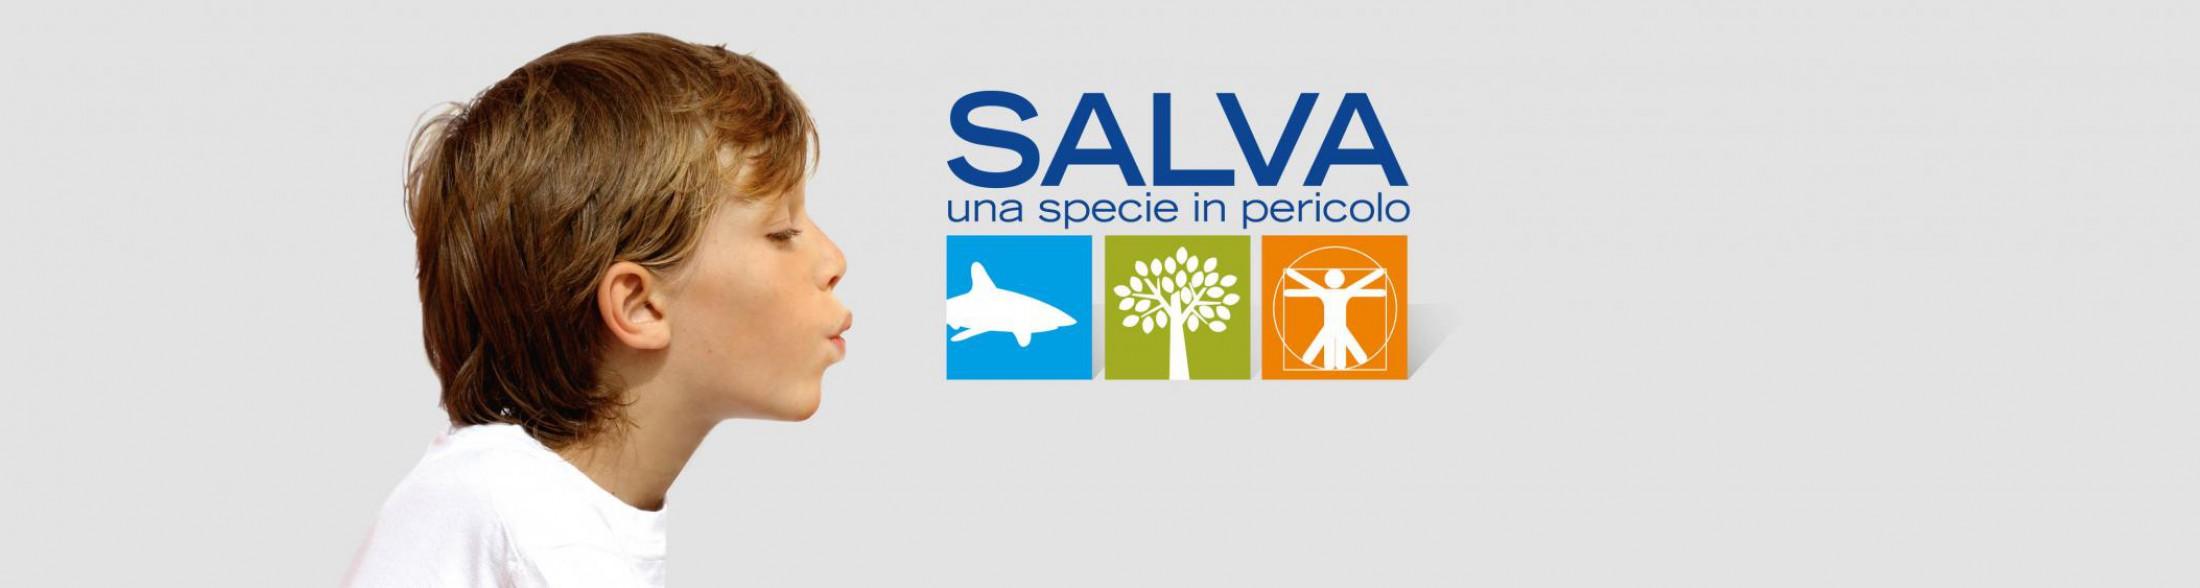 Salva una specie